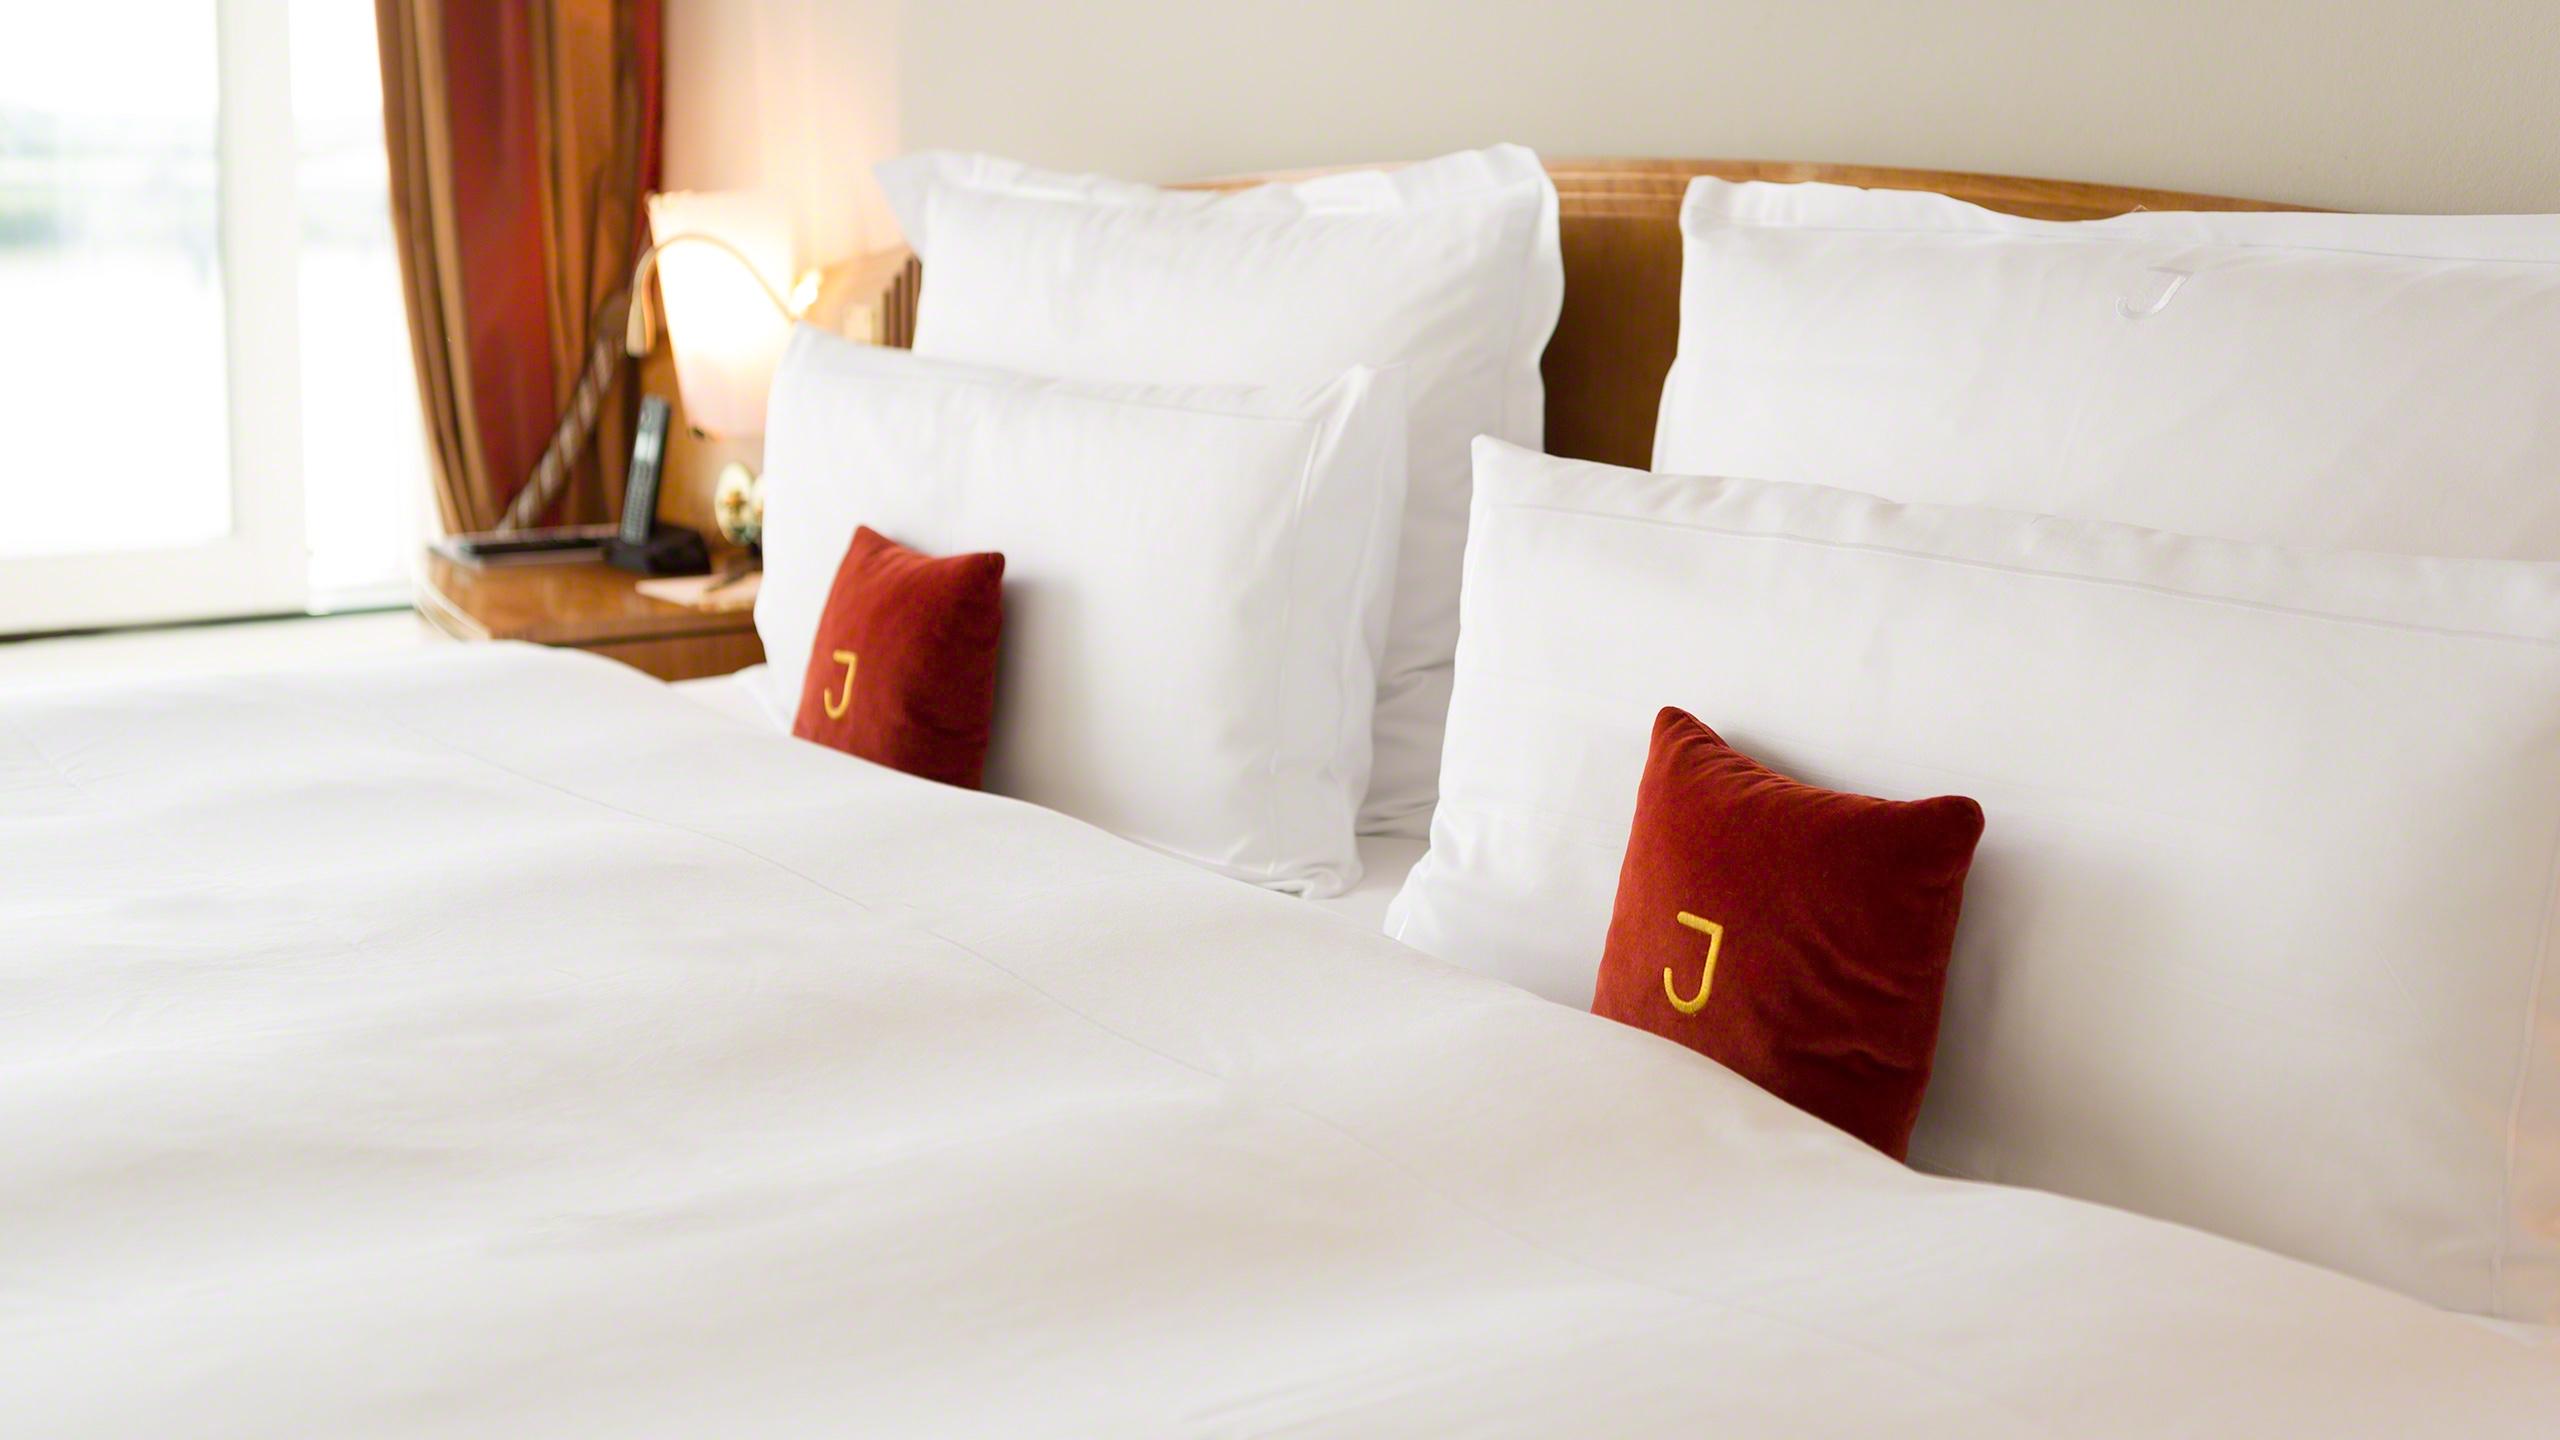 Luxus Elbsuite mit Hafen Panorama im Hotel Louis C. Jacob Hamburg. Ein weißbezogenes Doppelbett im lichtdurchfluteten Hotelzimmer. Mit Elbblick